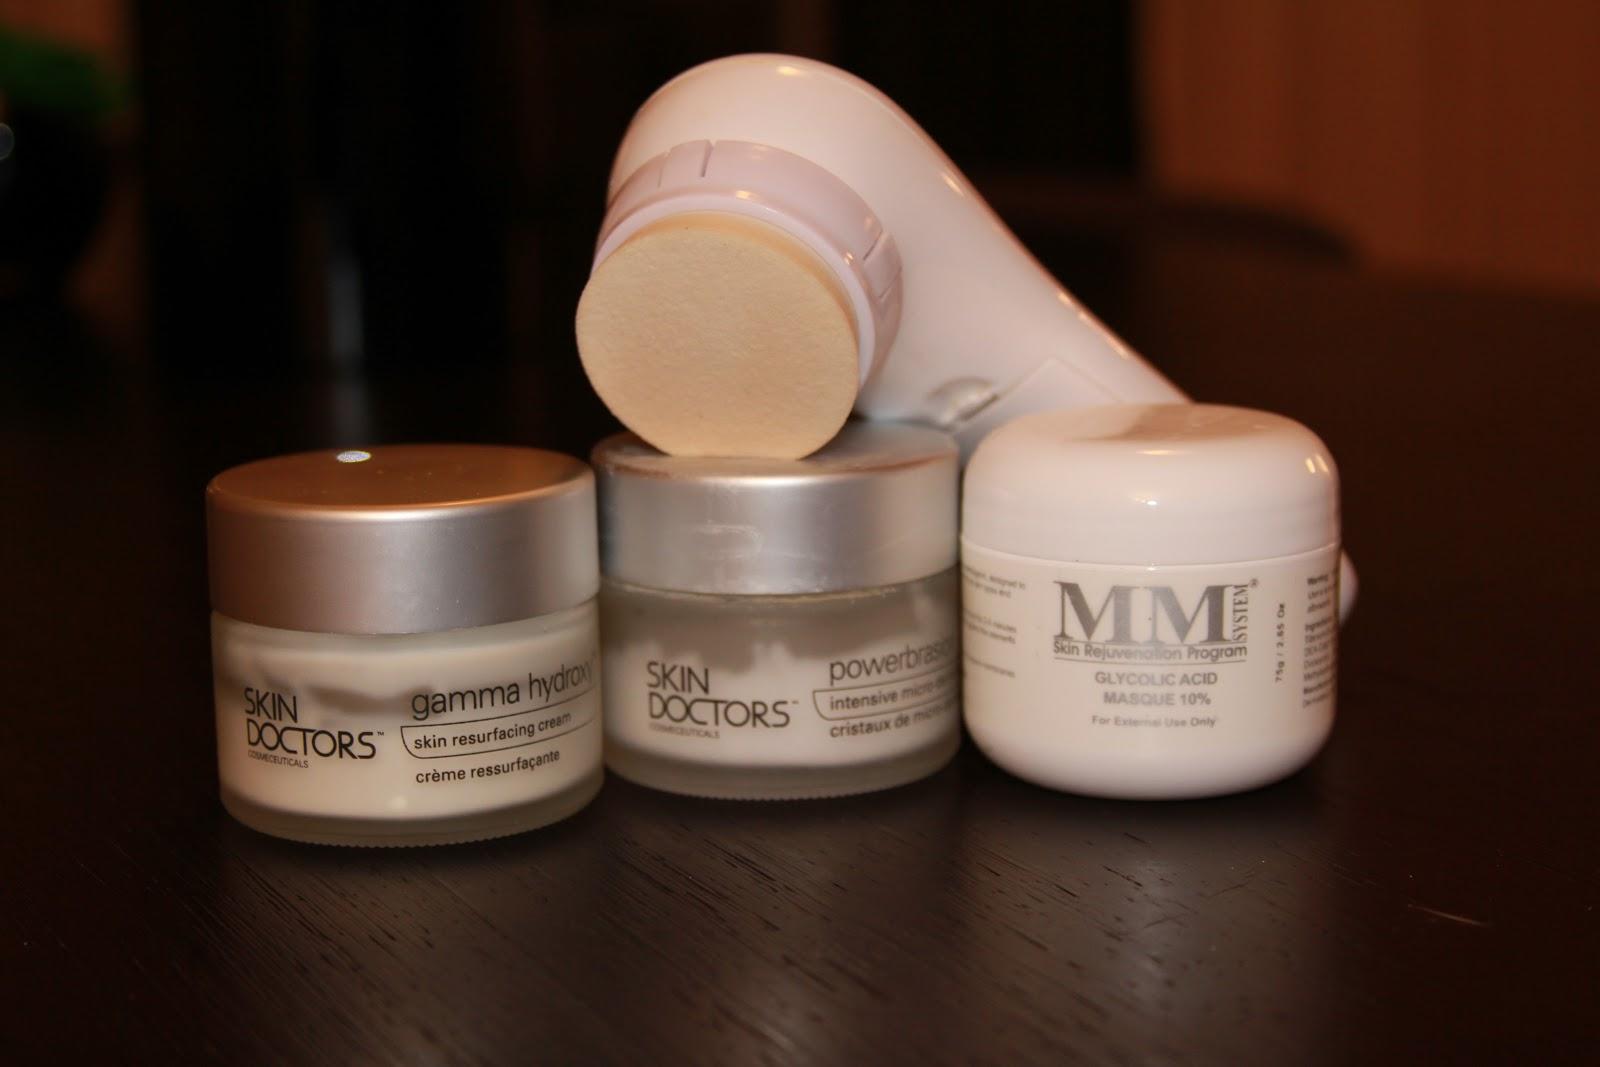 skin doctors powerbrasion kit